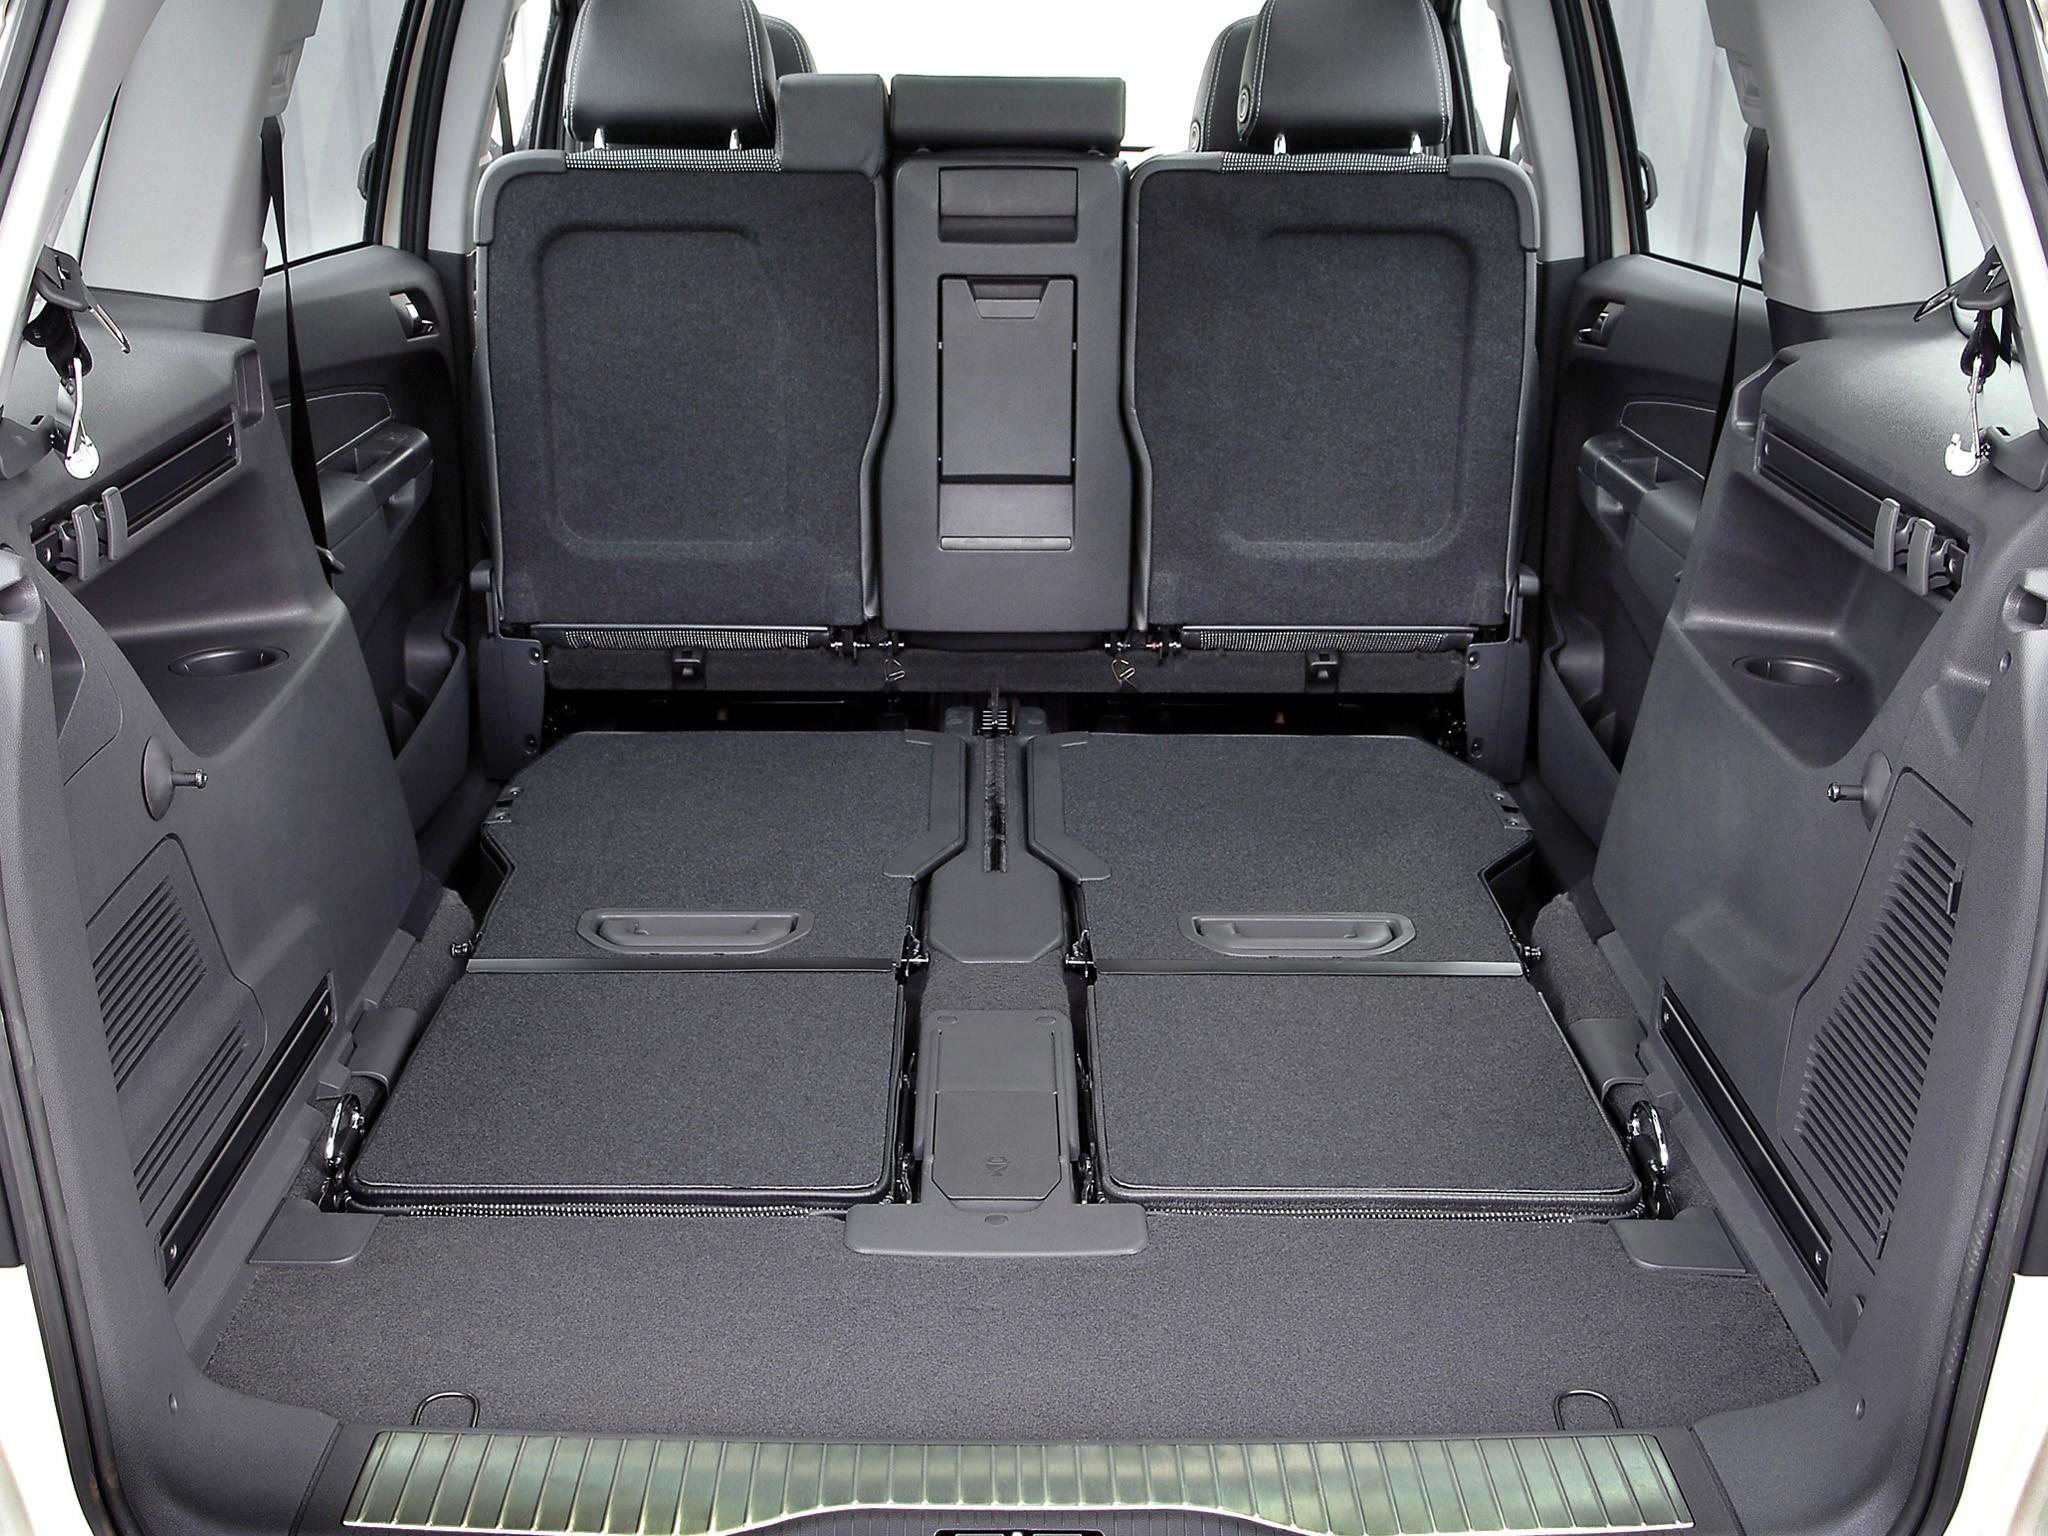 Vauxhall Zafira 2005 2006 2007 2008 2009 2010 2011 Autoevolution